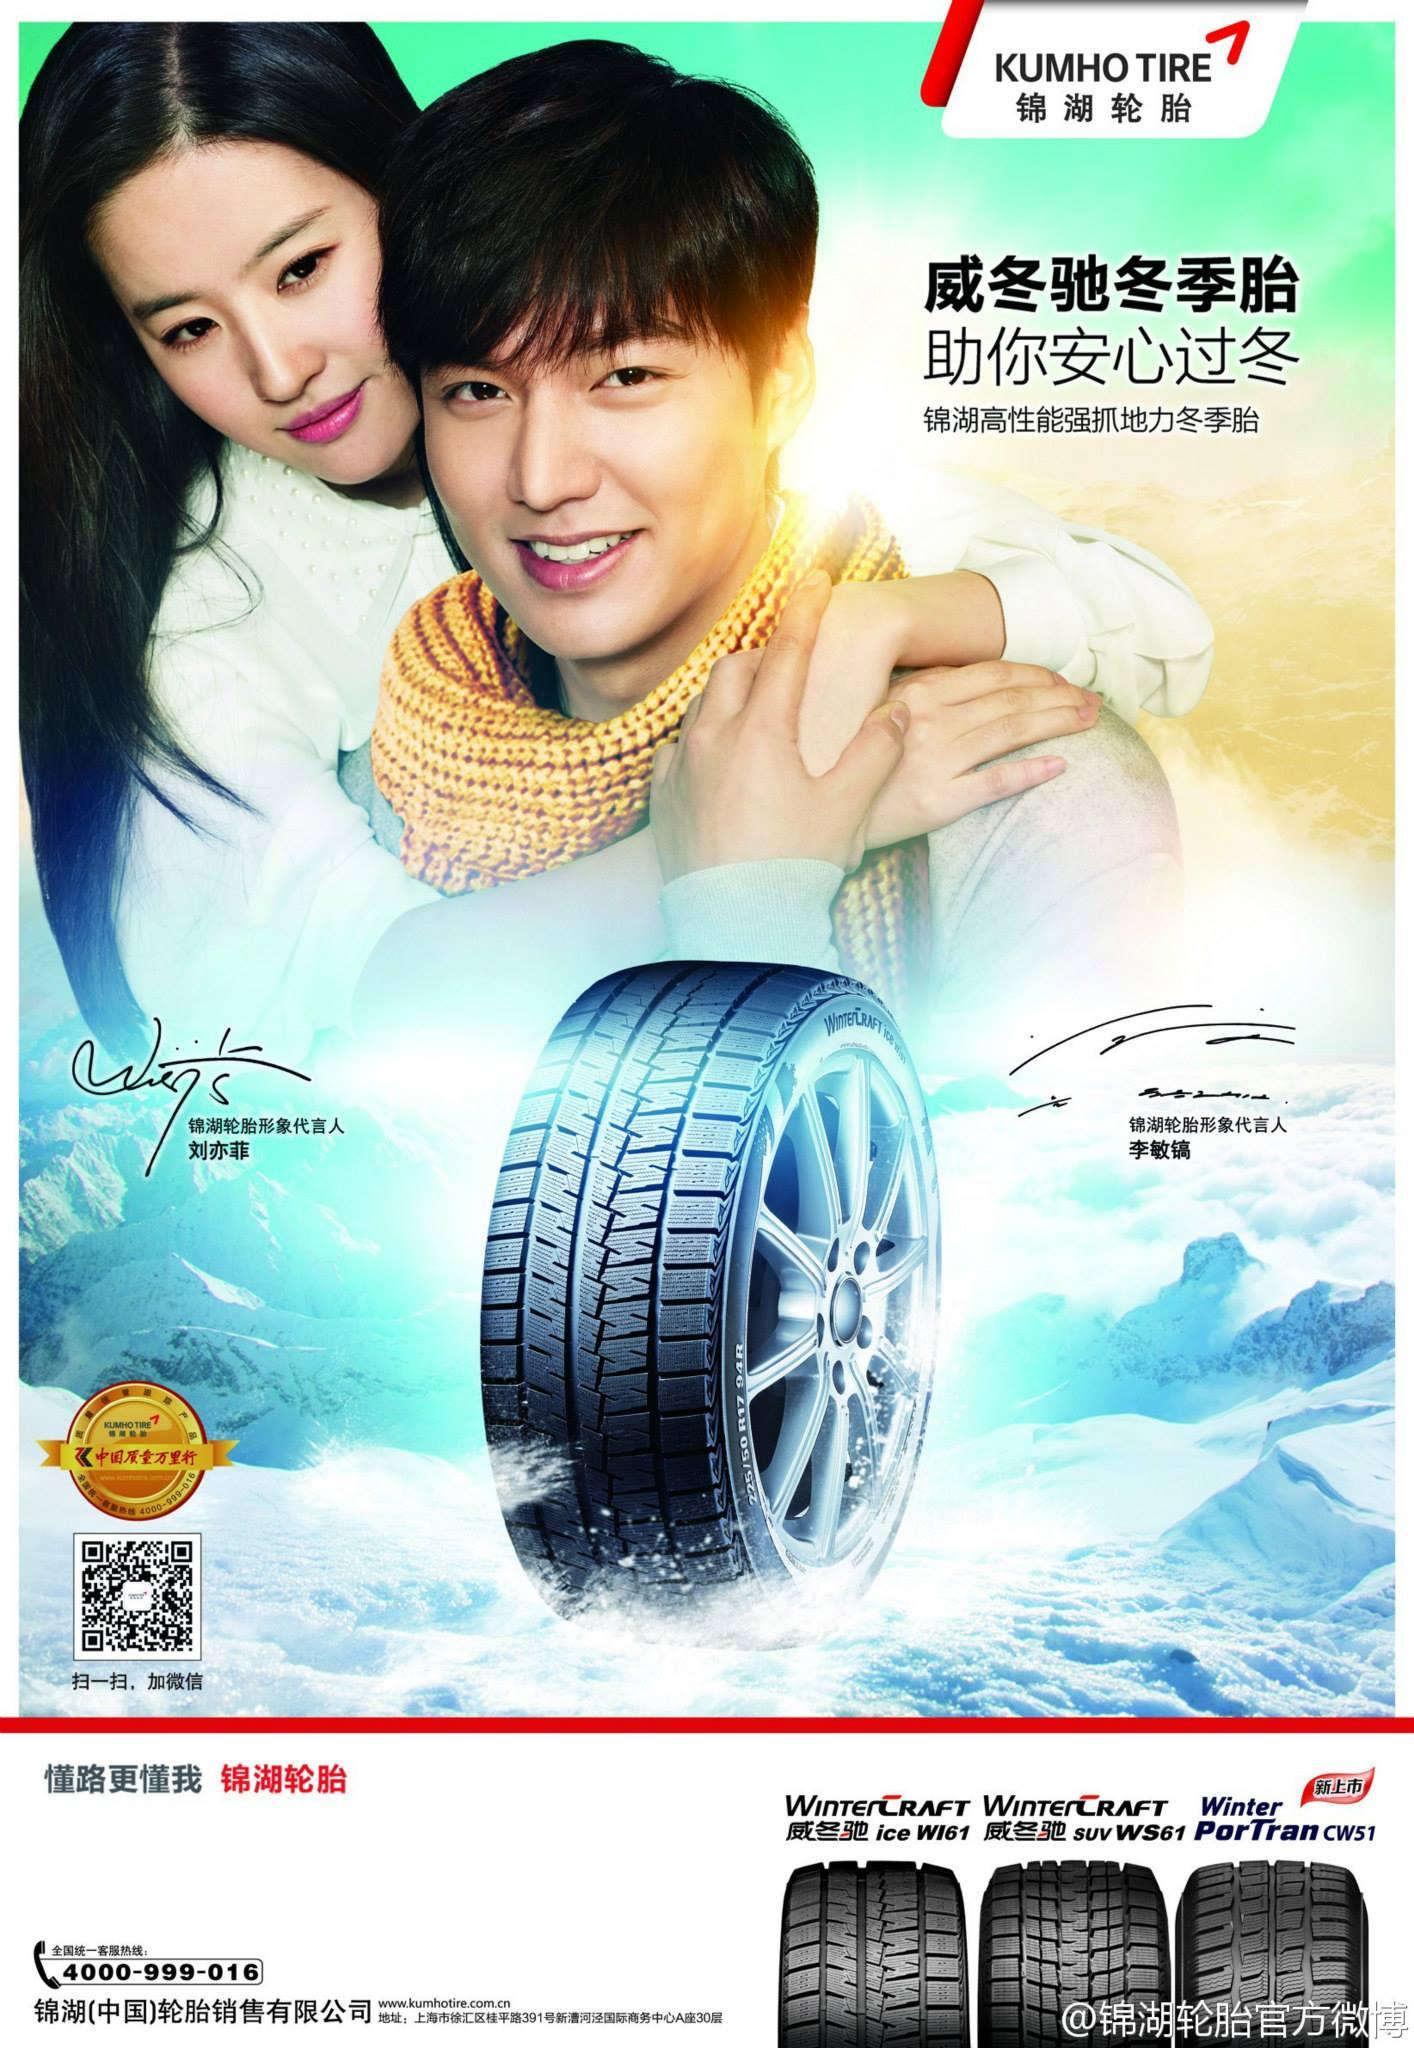 锦湖轮胎图集:汇总所有海报平面广告图集